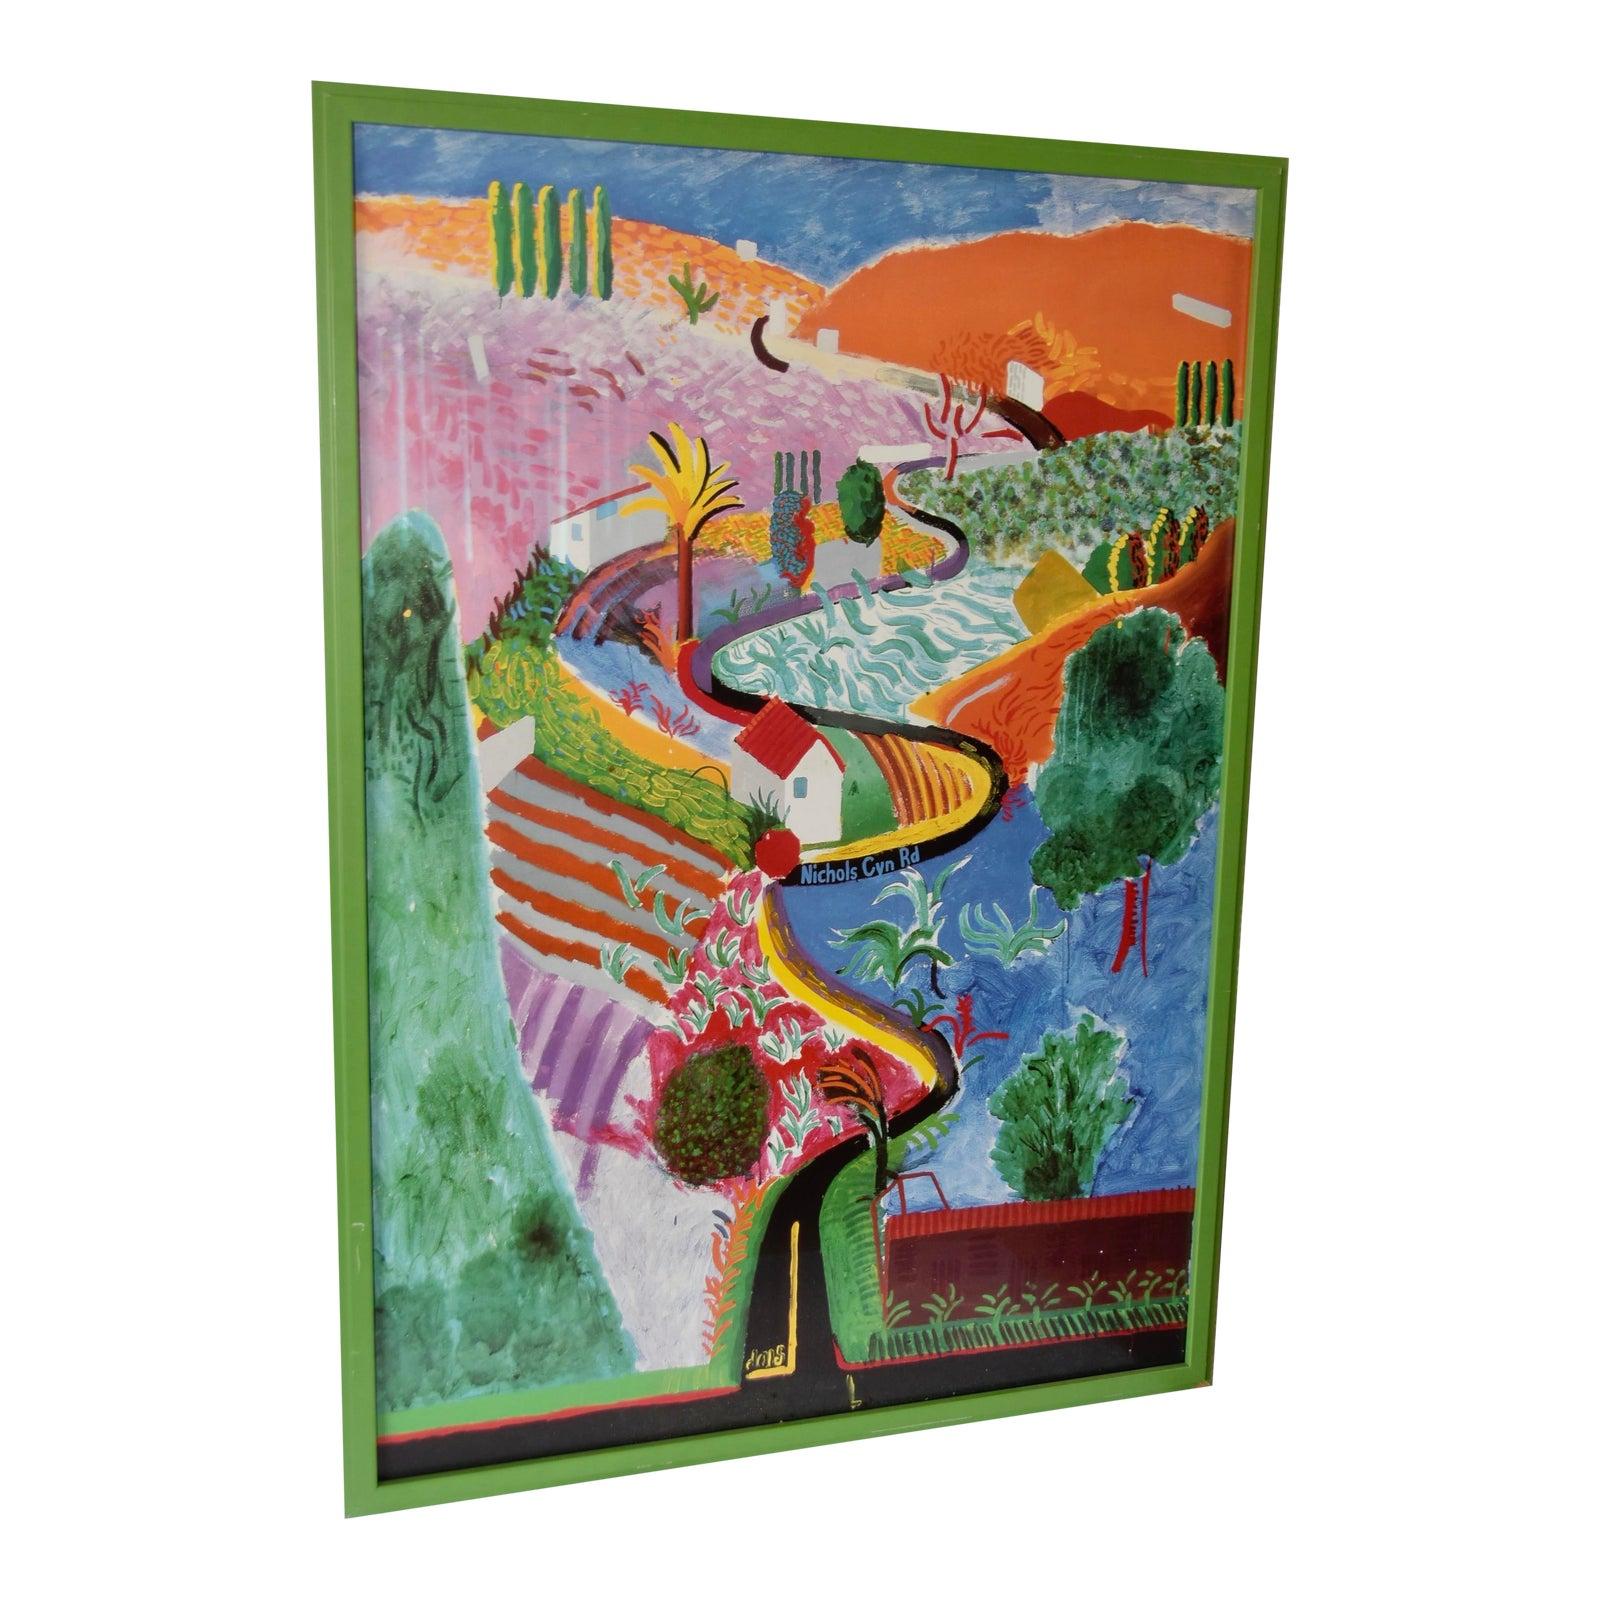 $1,750 - 1988 David Hockney Metropolitan Museum of Art Exhibition Poster, Framed